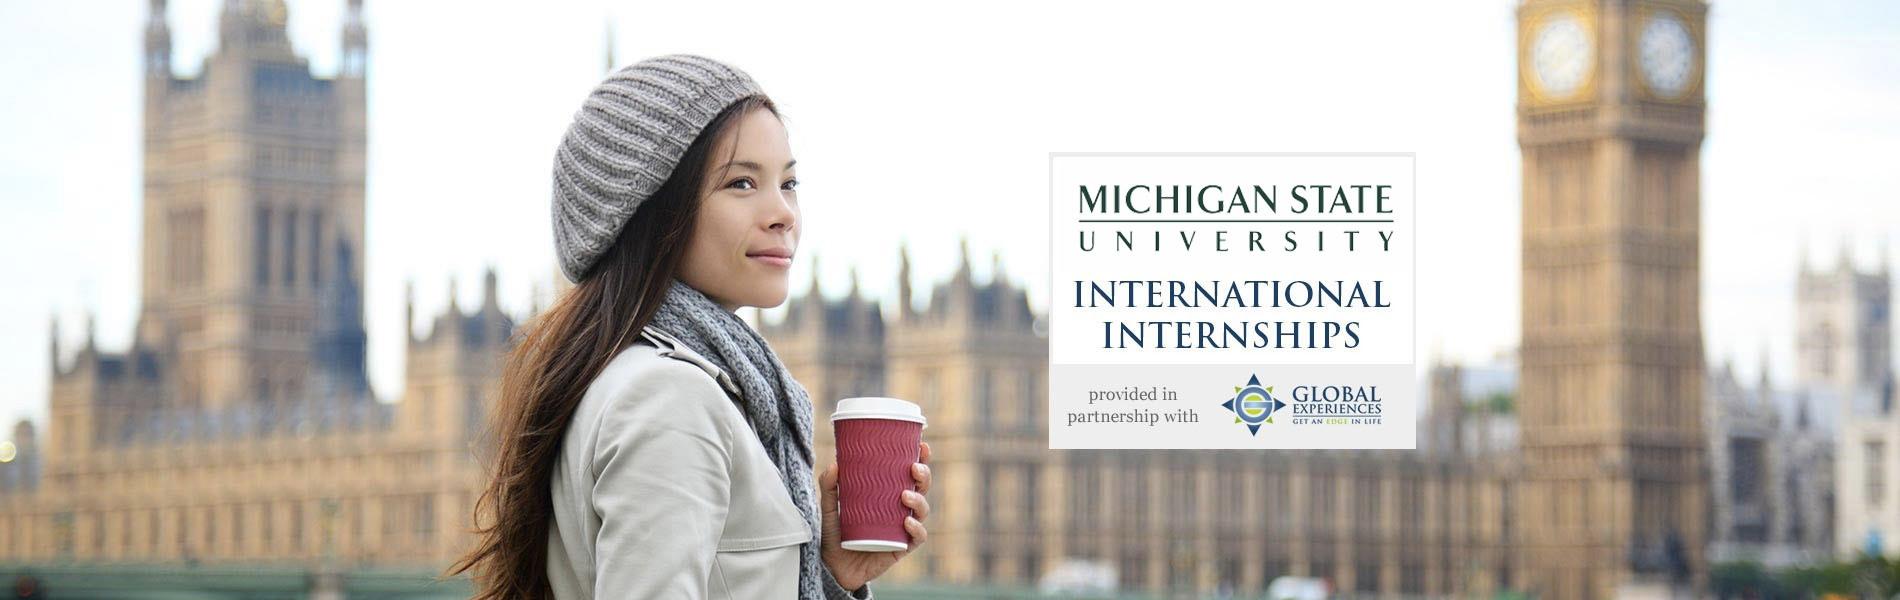 MichiganState_header.jpg